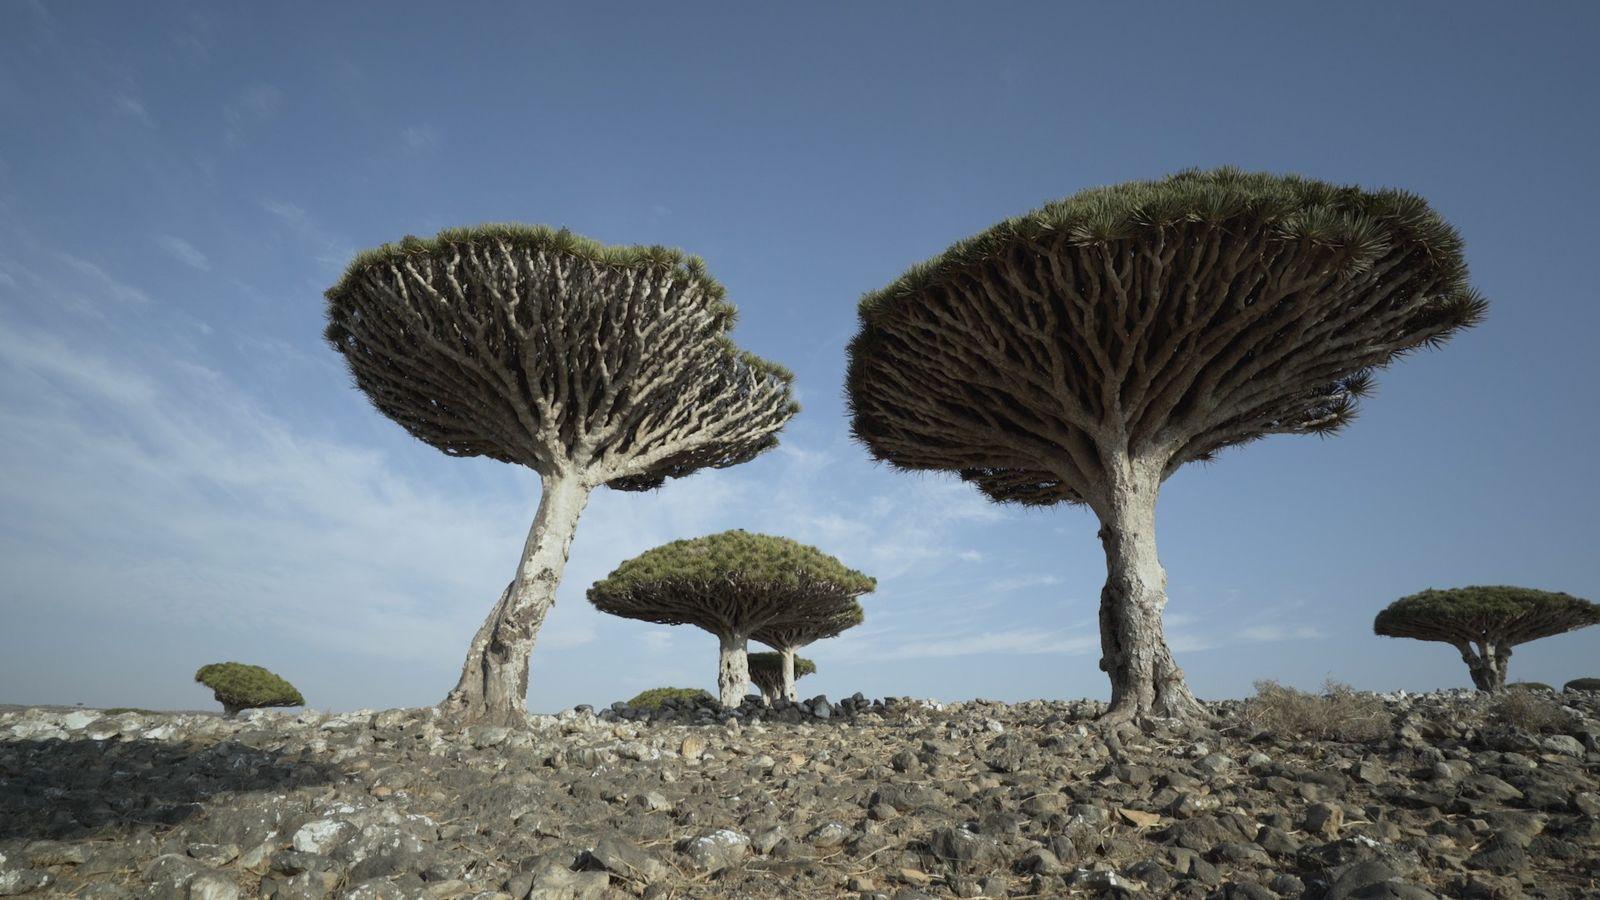 Admira los dragos de Socotra, unos árboles singulares y amenazados